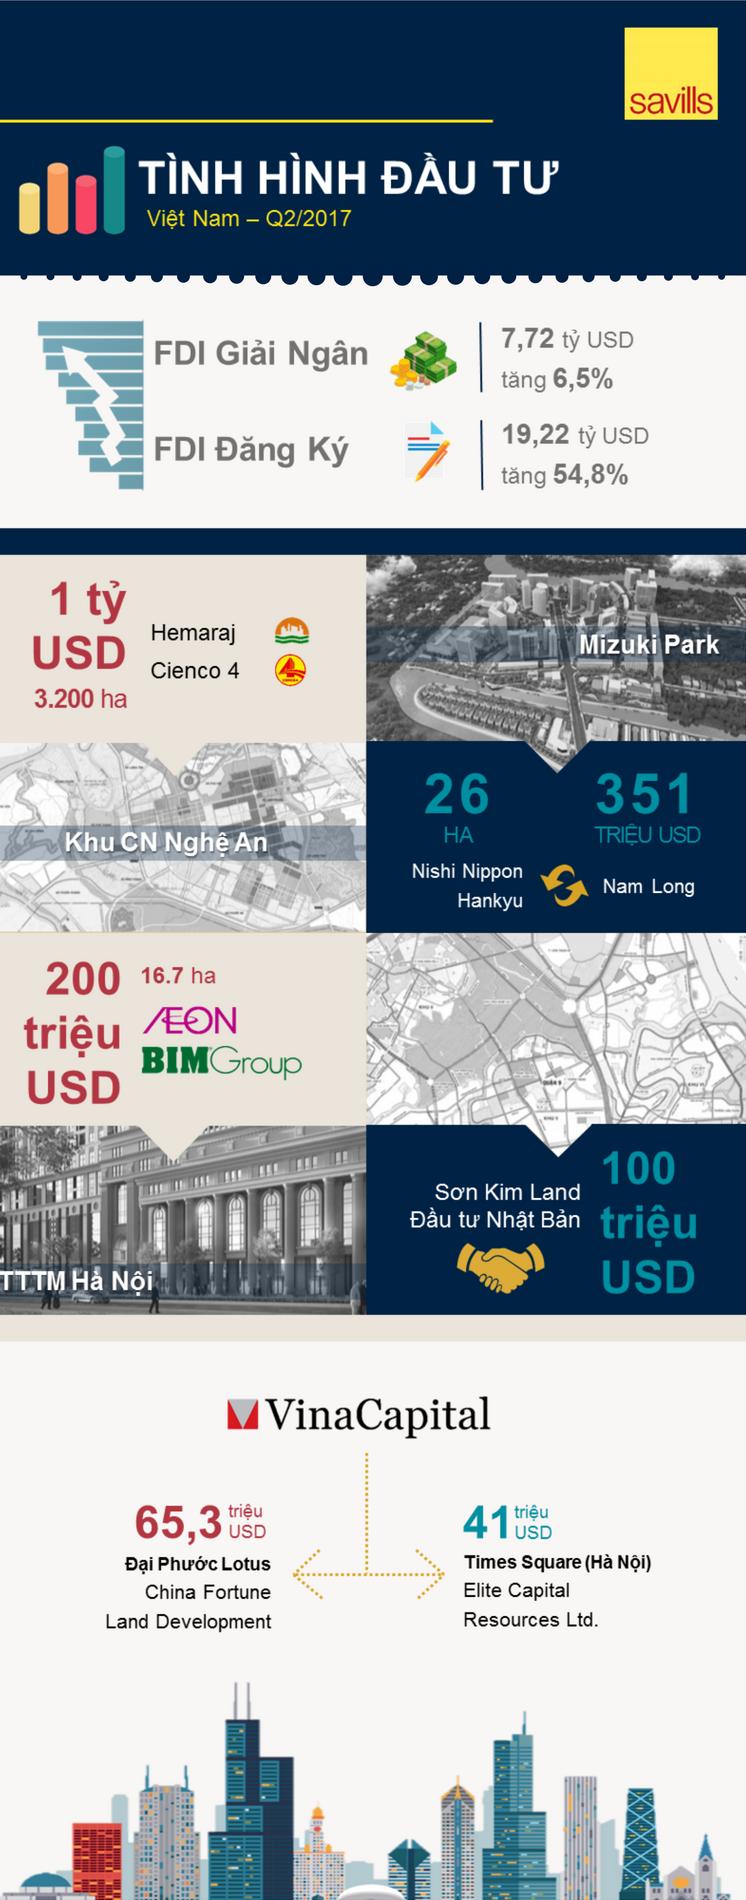 Việt Nam tiếp tục thu hút FDI trong 6 tháng đầu năm 2017